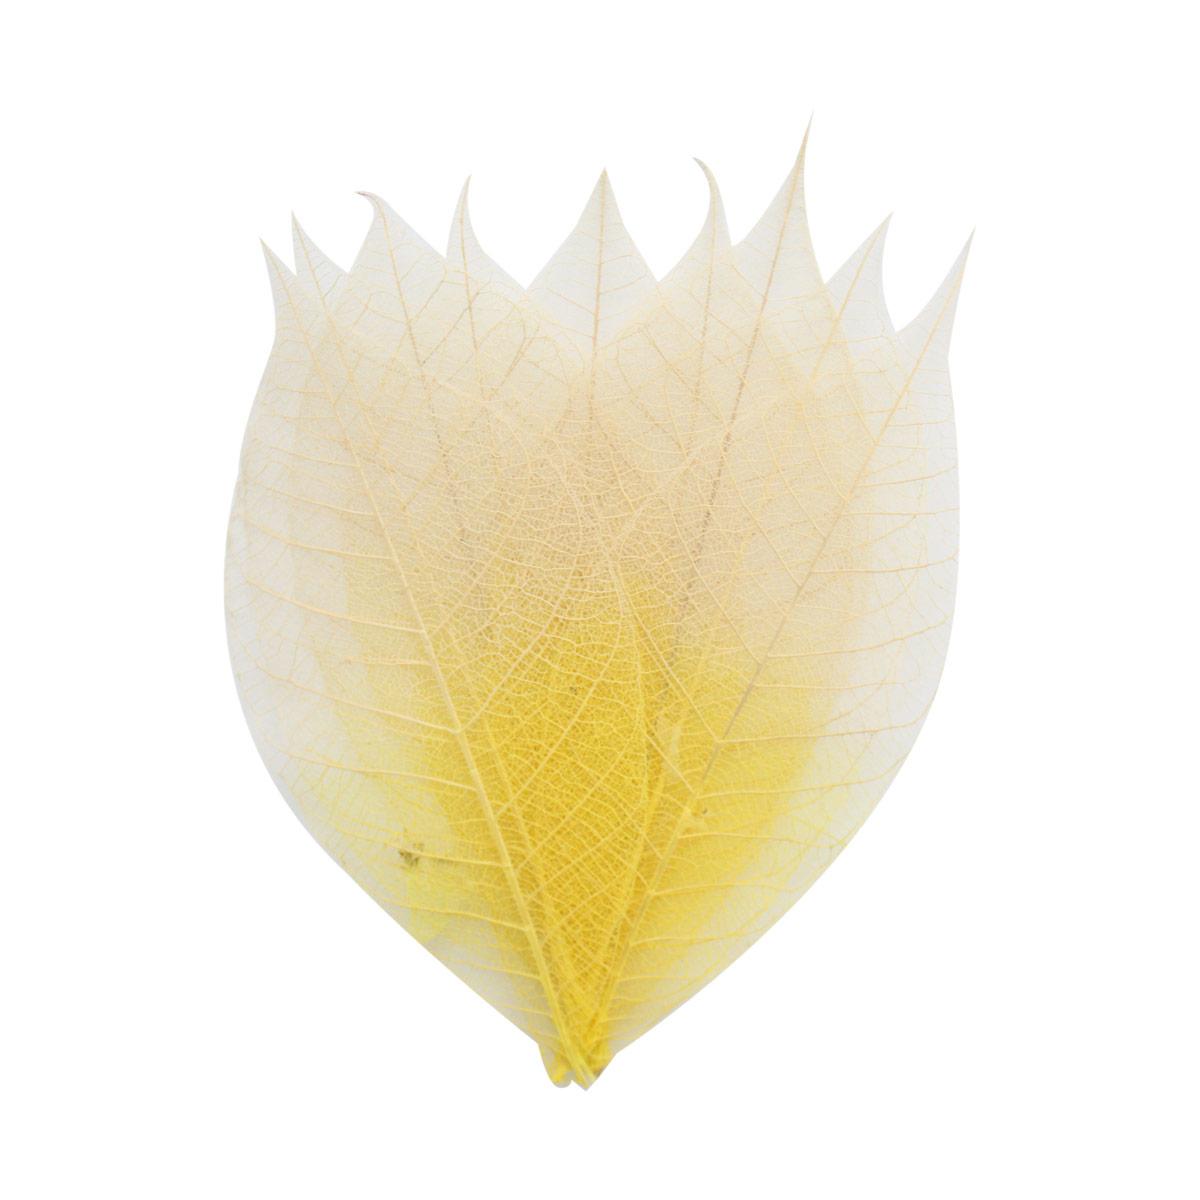 SCB300513 Скелетированные листочки из бананового дерева, бело-желтый, упак./8 шт., ScrapBerry's